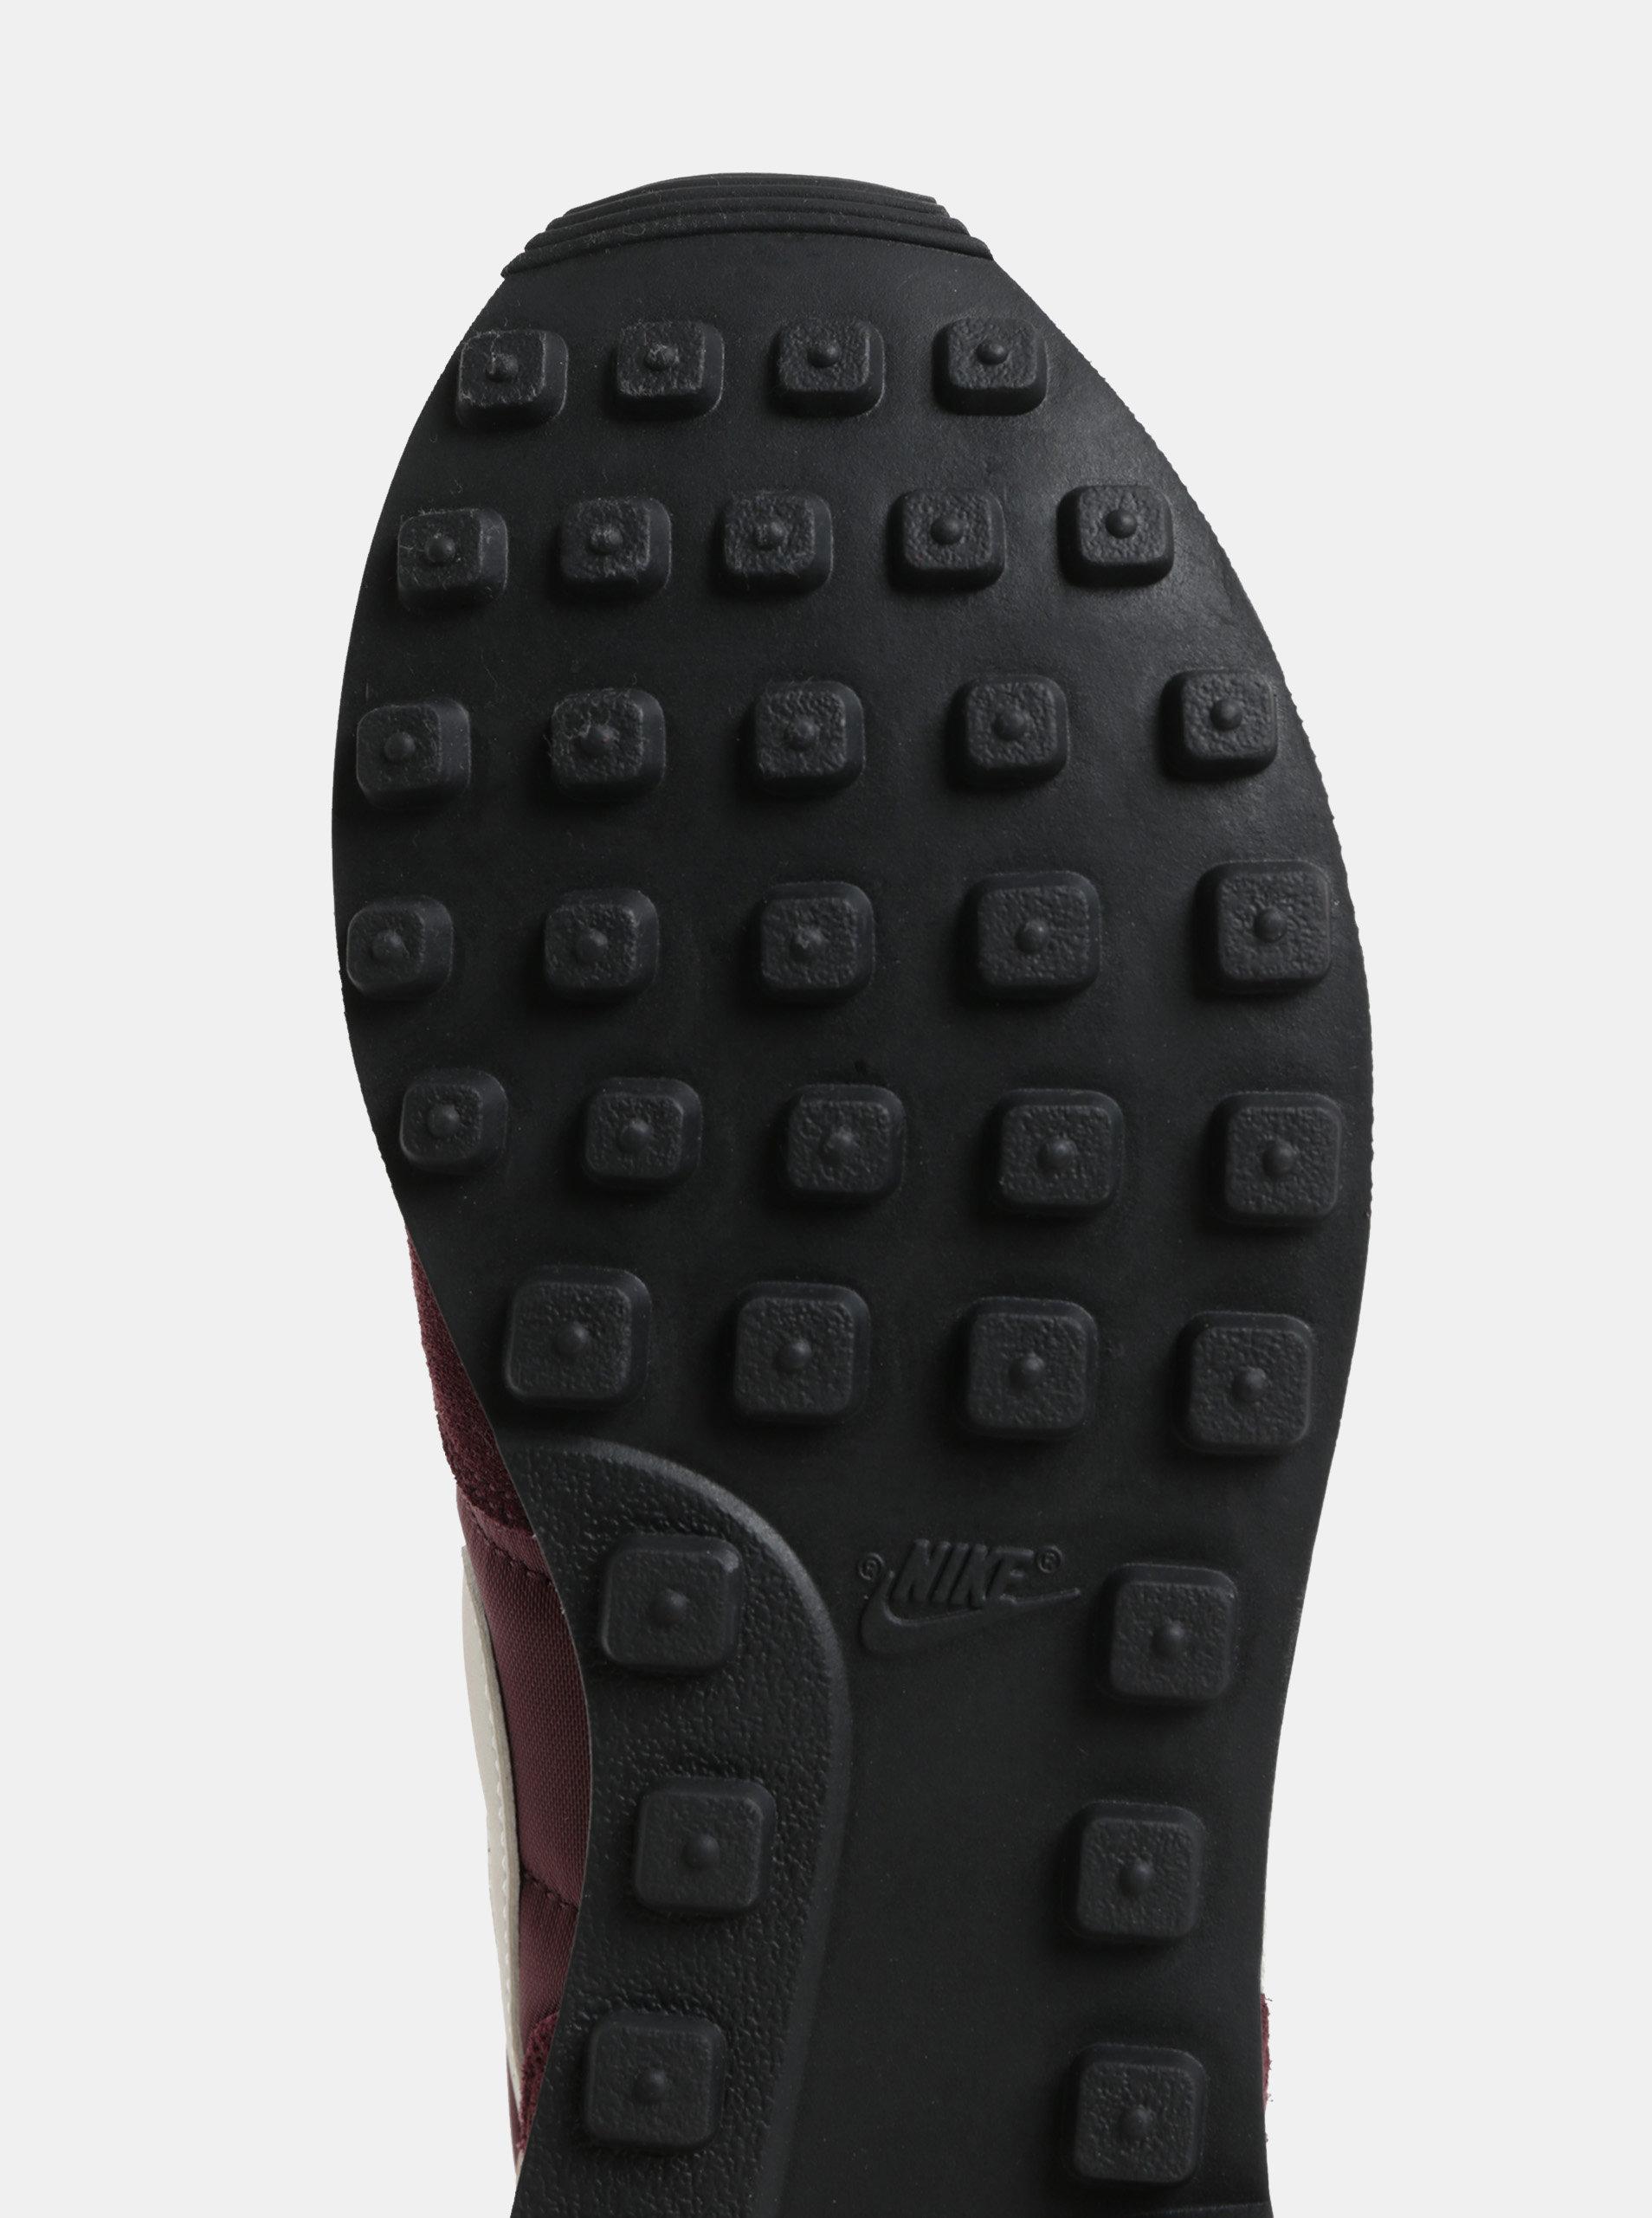 Fialové dámské tenisky se semišovými detaily Nike Internationalist ... 048c6d85c4e